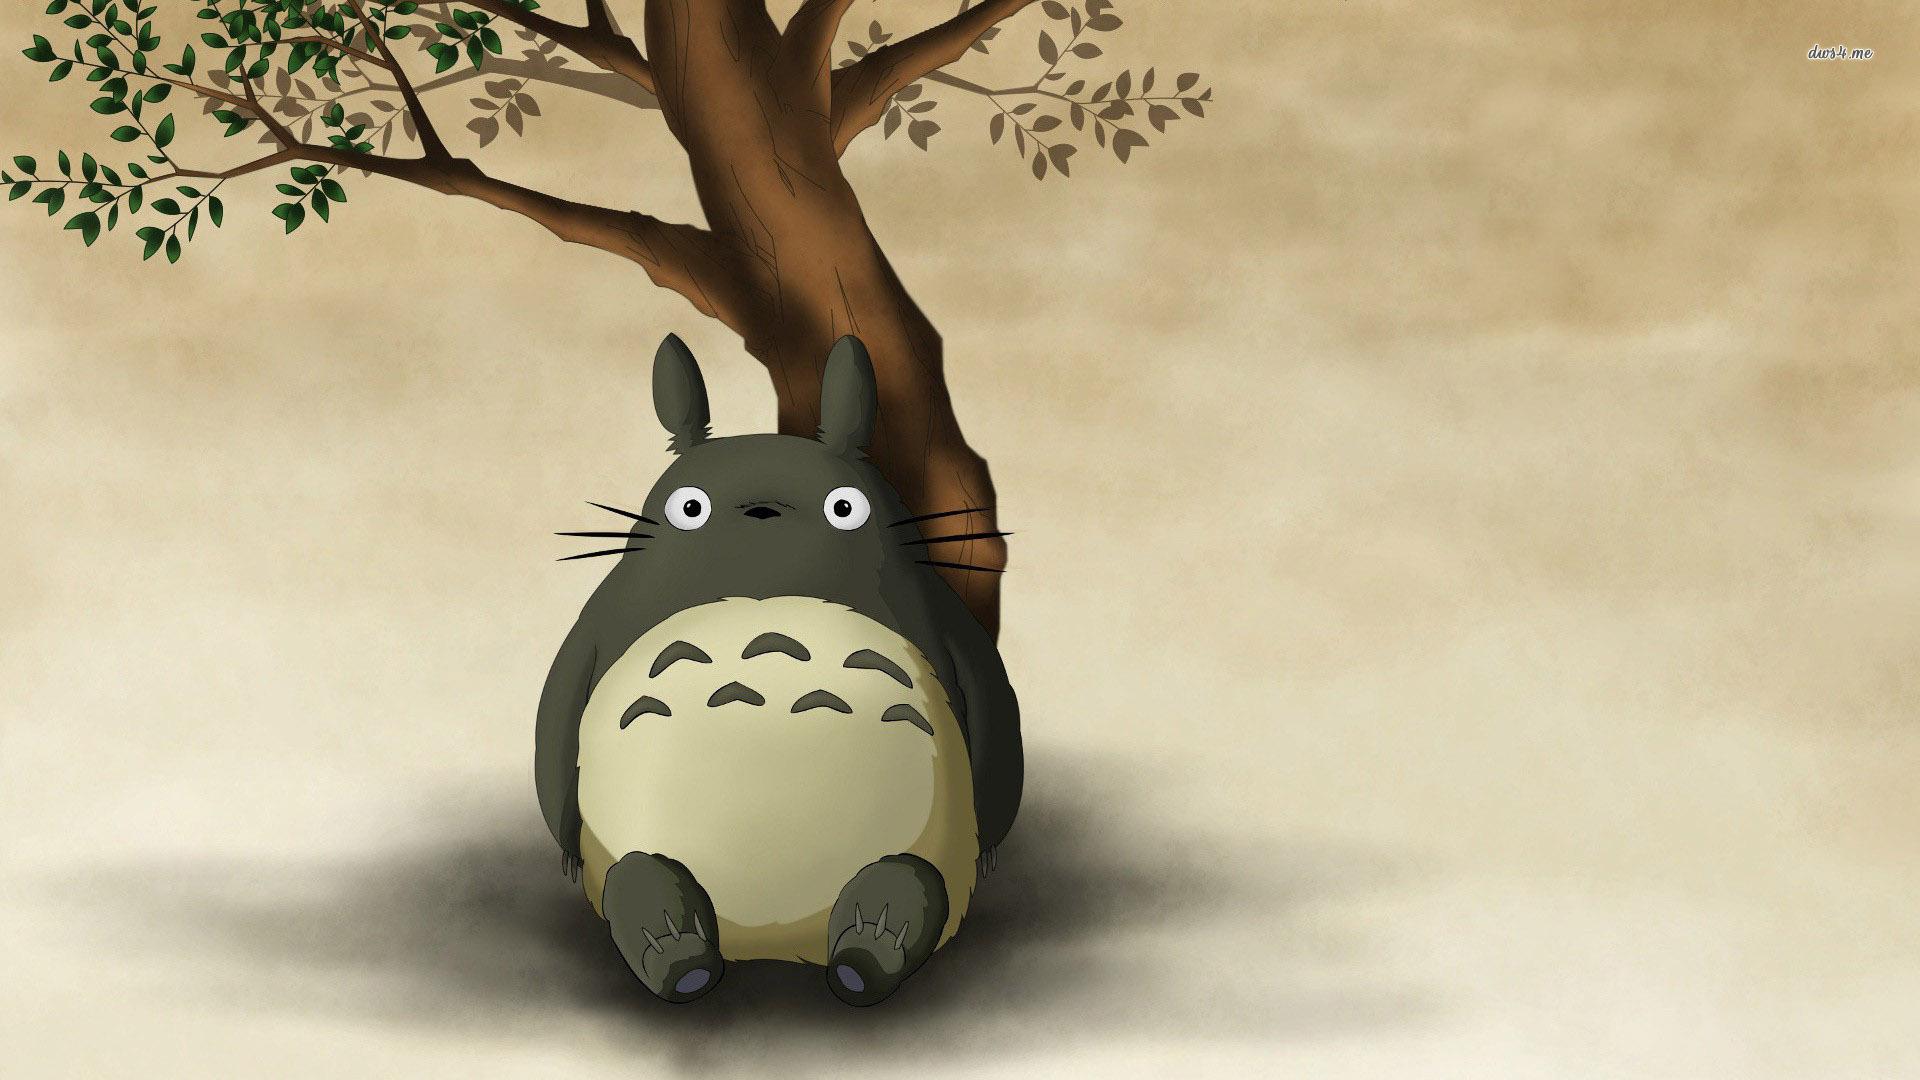 ... Totoro - My Neighbor Totoro wallpaper 1920x1080 ...